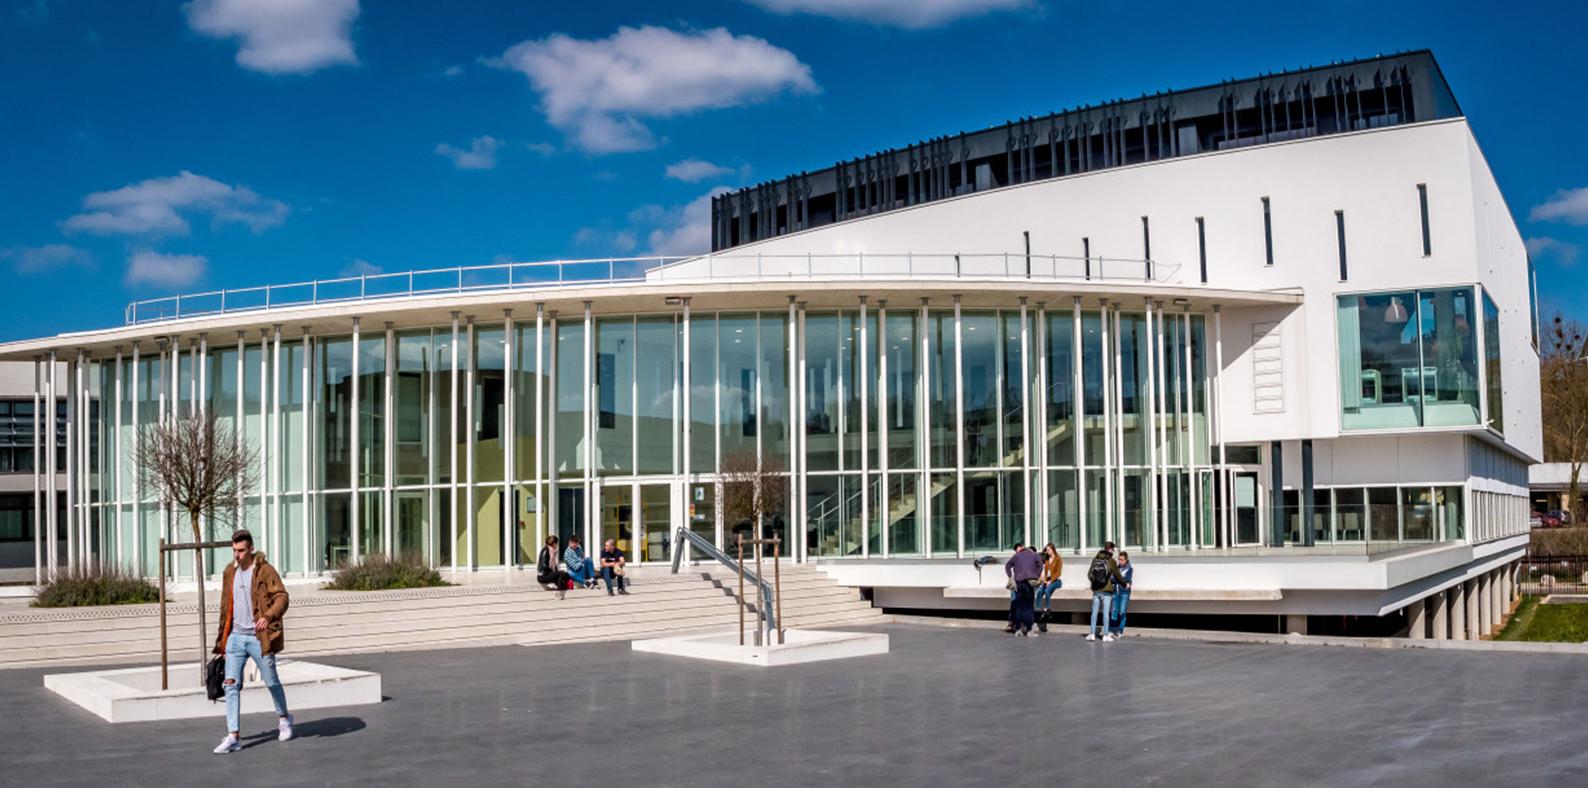 La Maison de l'Université de Bourgogne à Auxerre (MUBA) : Maison des étudiants sur le campus universitaire